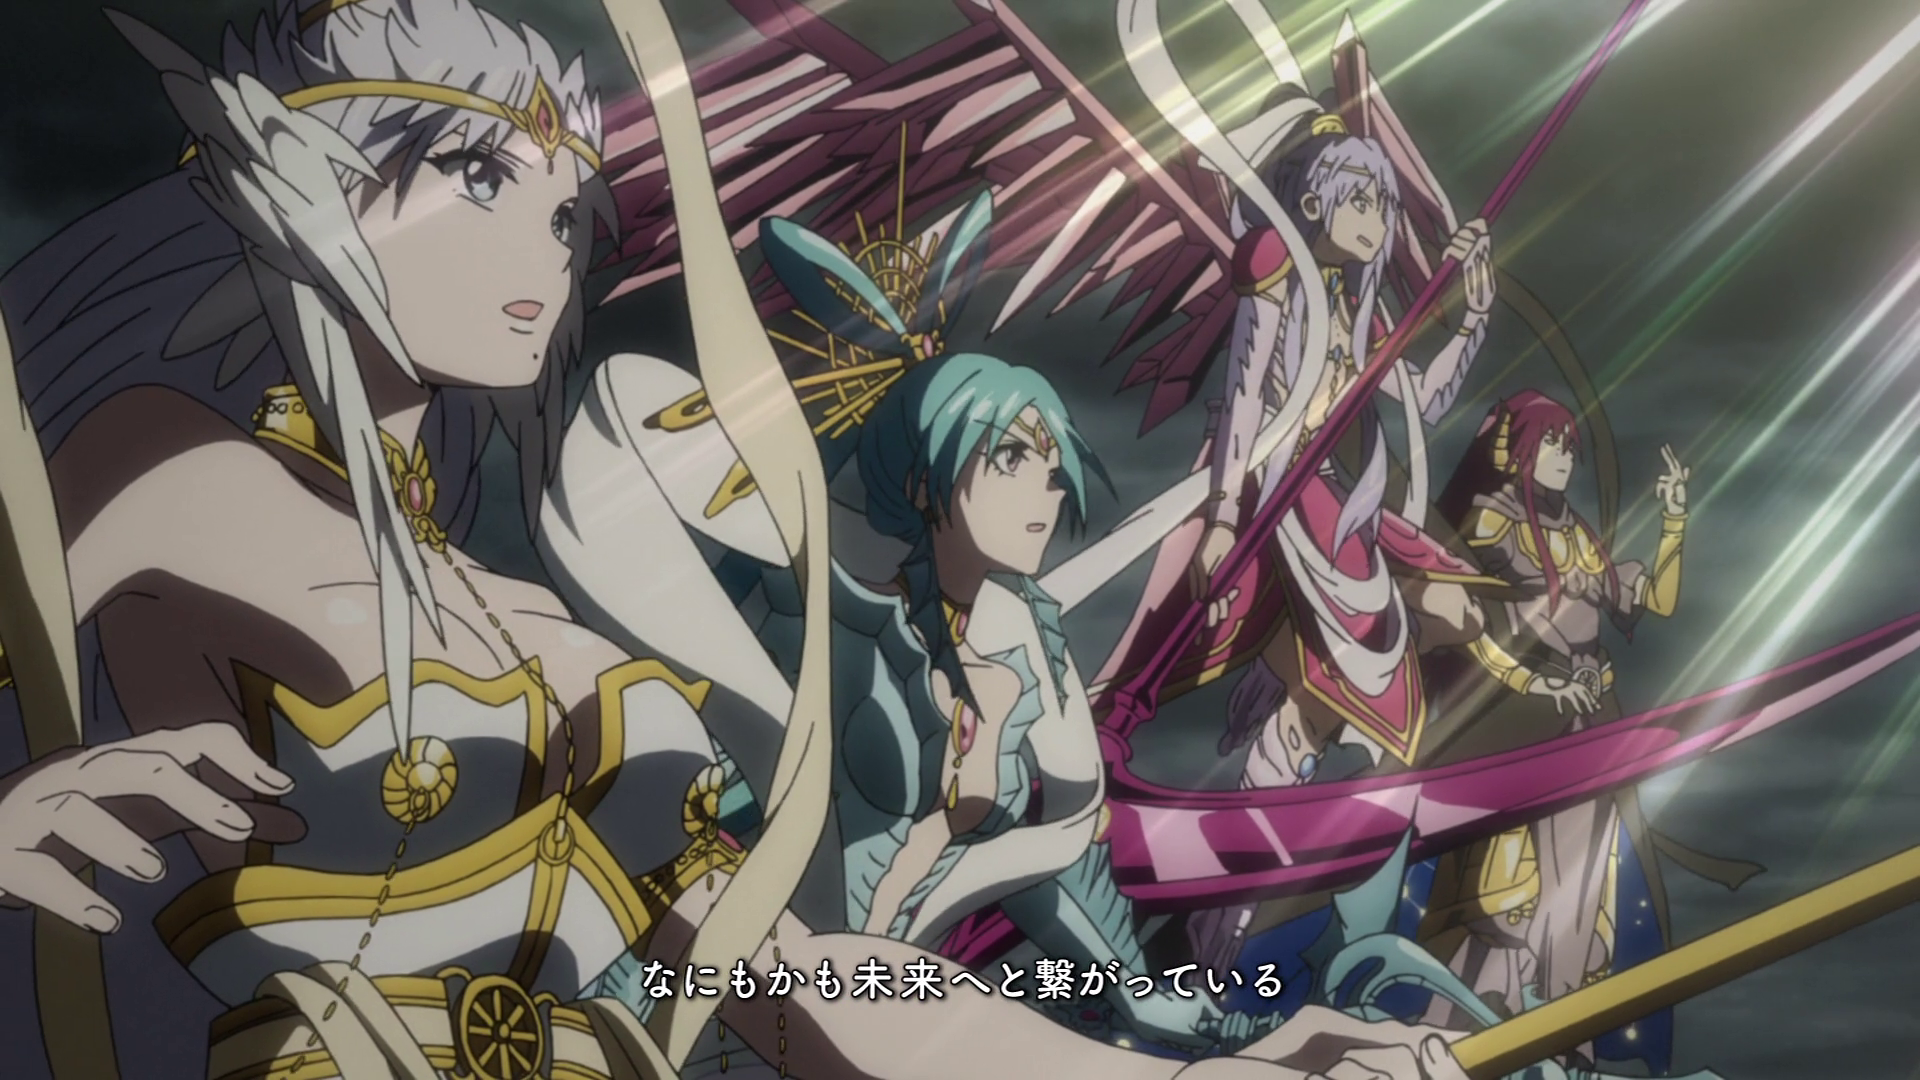 Magi The Kingdom of Magic Episode 23 Discussion Anime magi